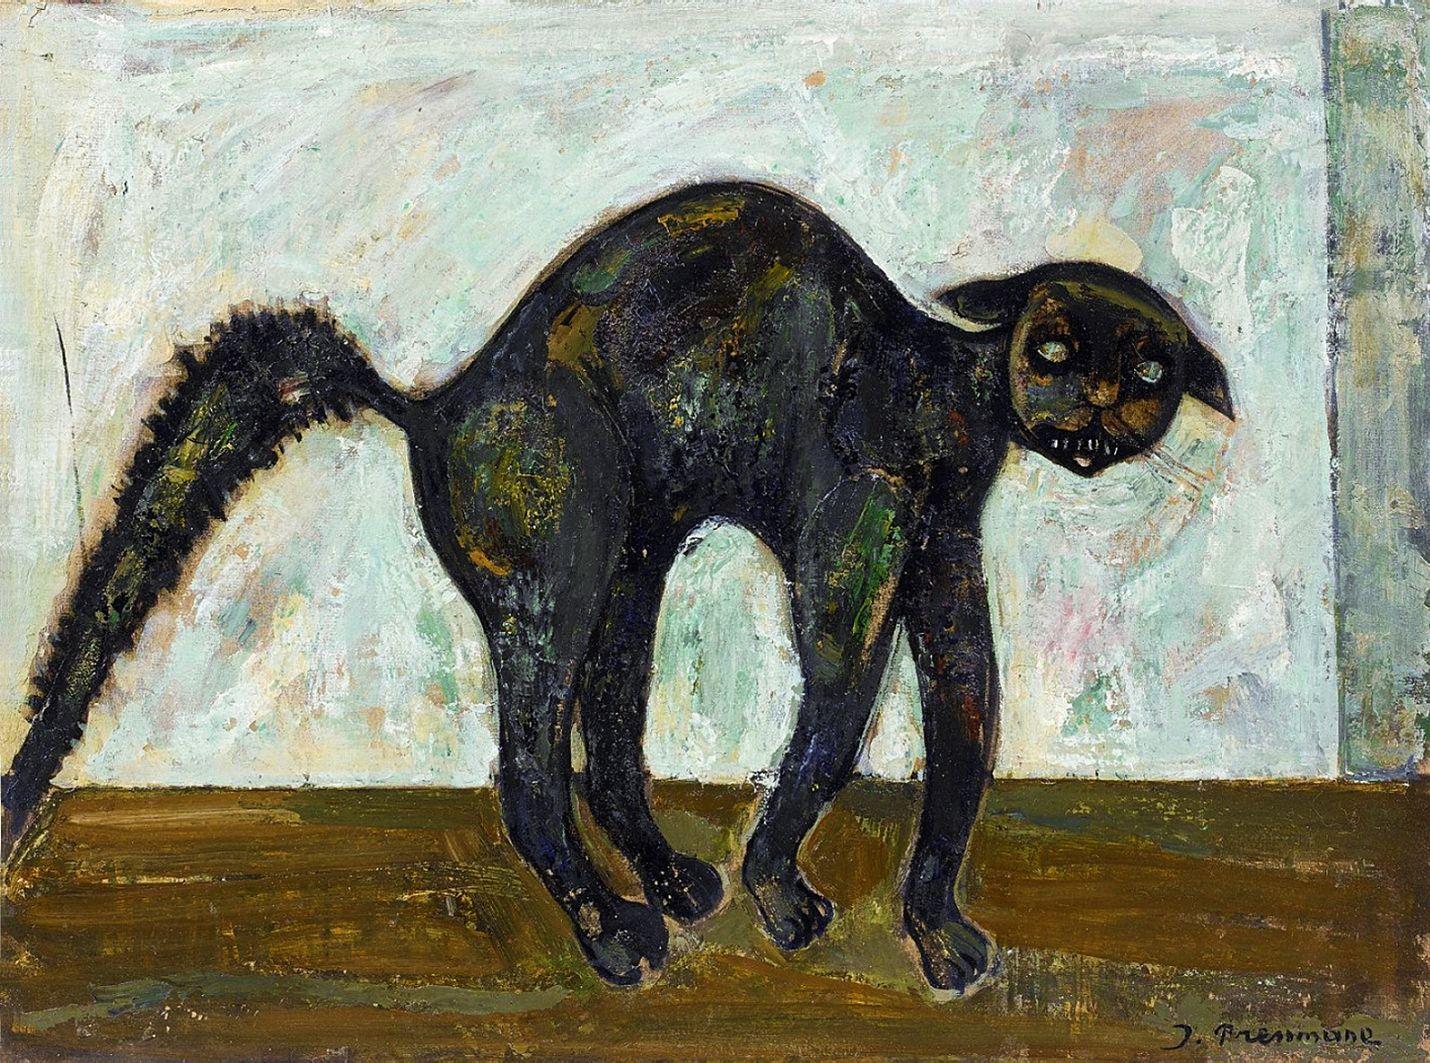 Жозеф Прессман. Чорна кішка; олія, полотно